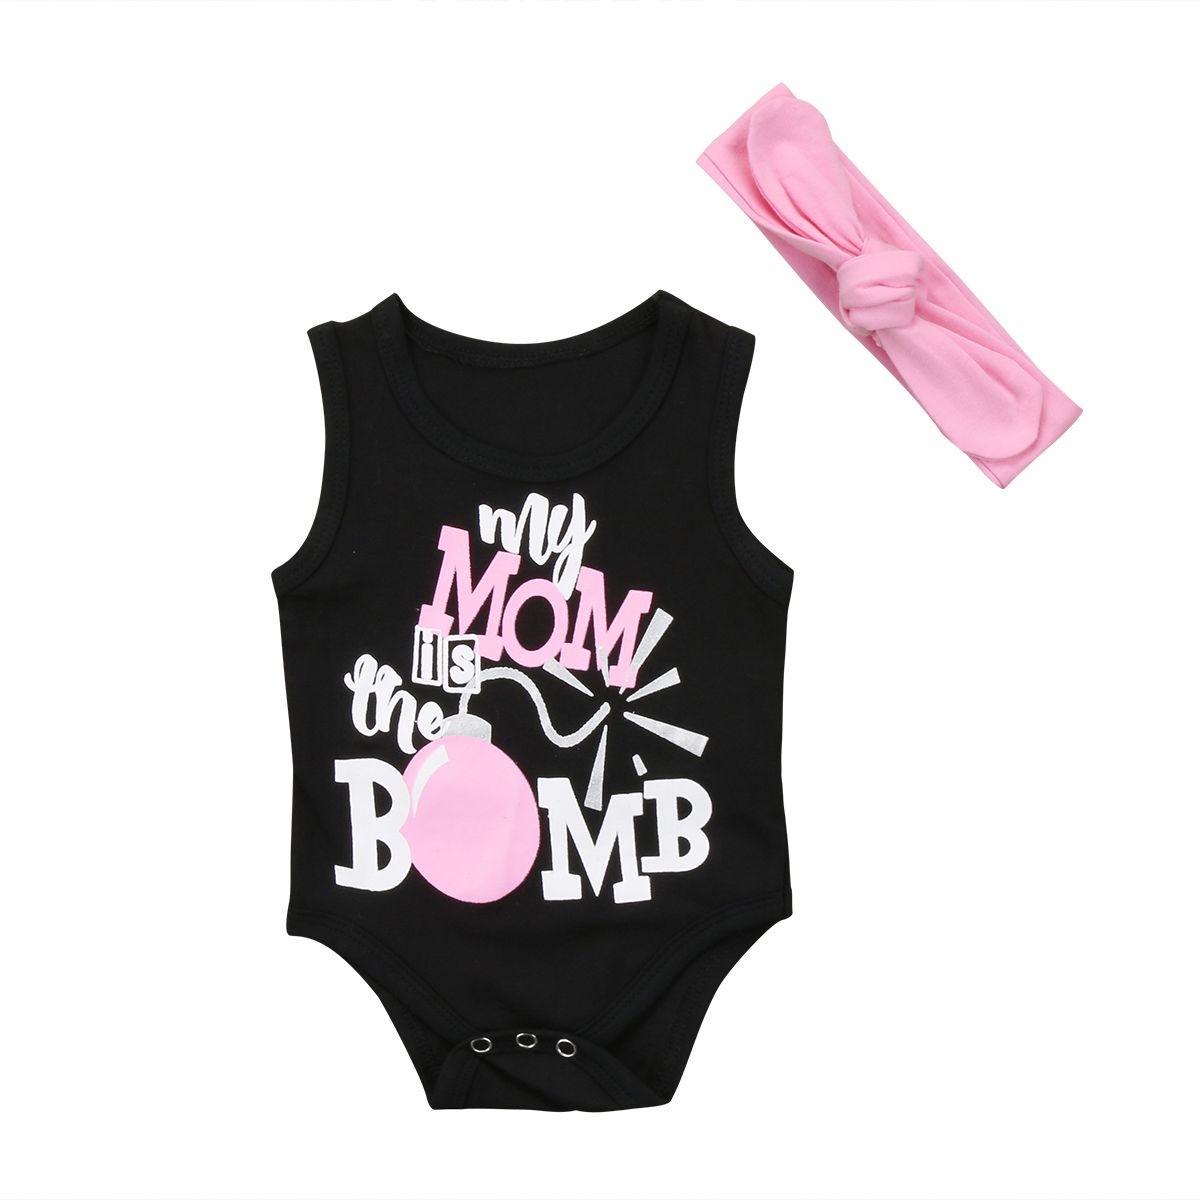 Yürüyor Bebek Bebek Kız Erkek Çocuk Bodysuit Kolsuz Kıyafetler Giyim Seti Kafa 2PCS Seti Günlük Moda Letter Giyim